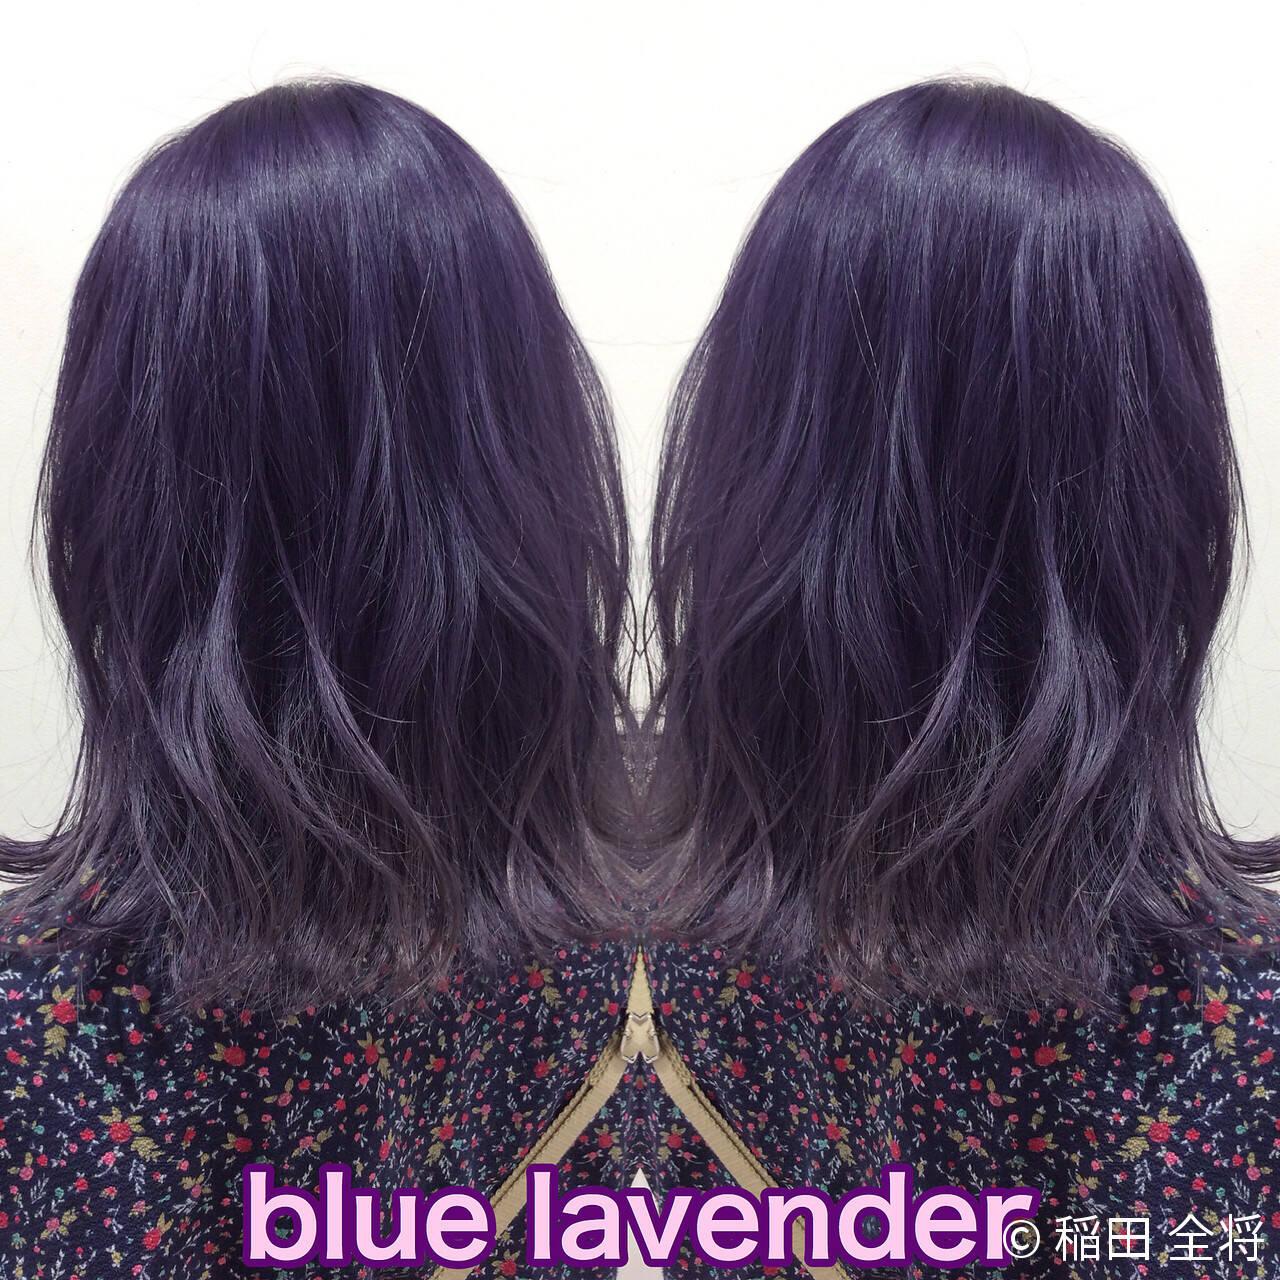 ブルーラベンダー ラベンダーアッシュ ミディアム ヘアカラーヘアスタイルや髪型の写真・画像